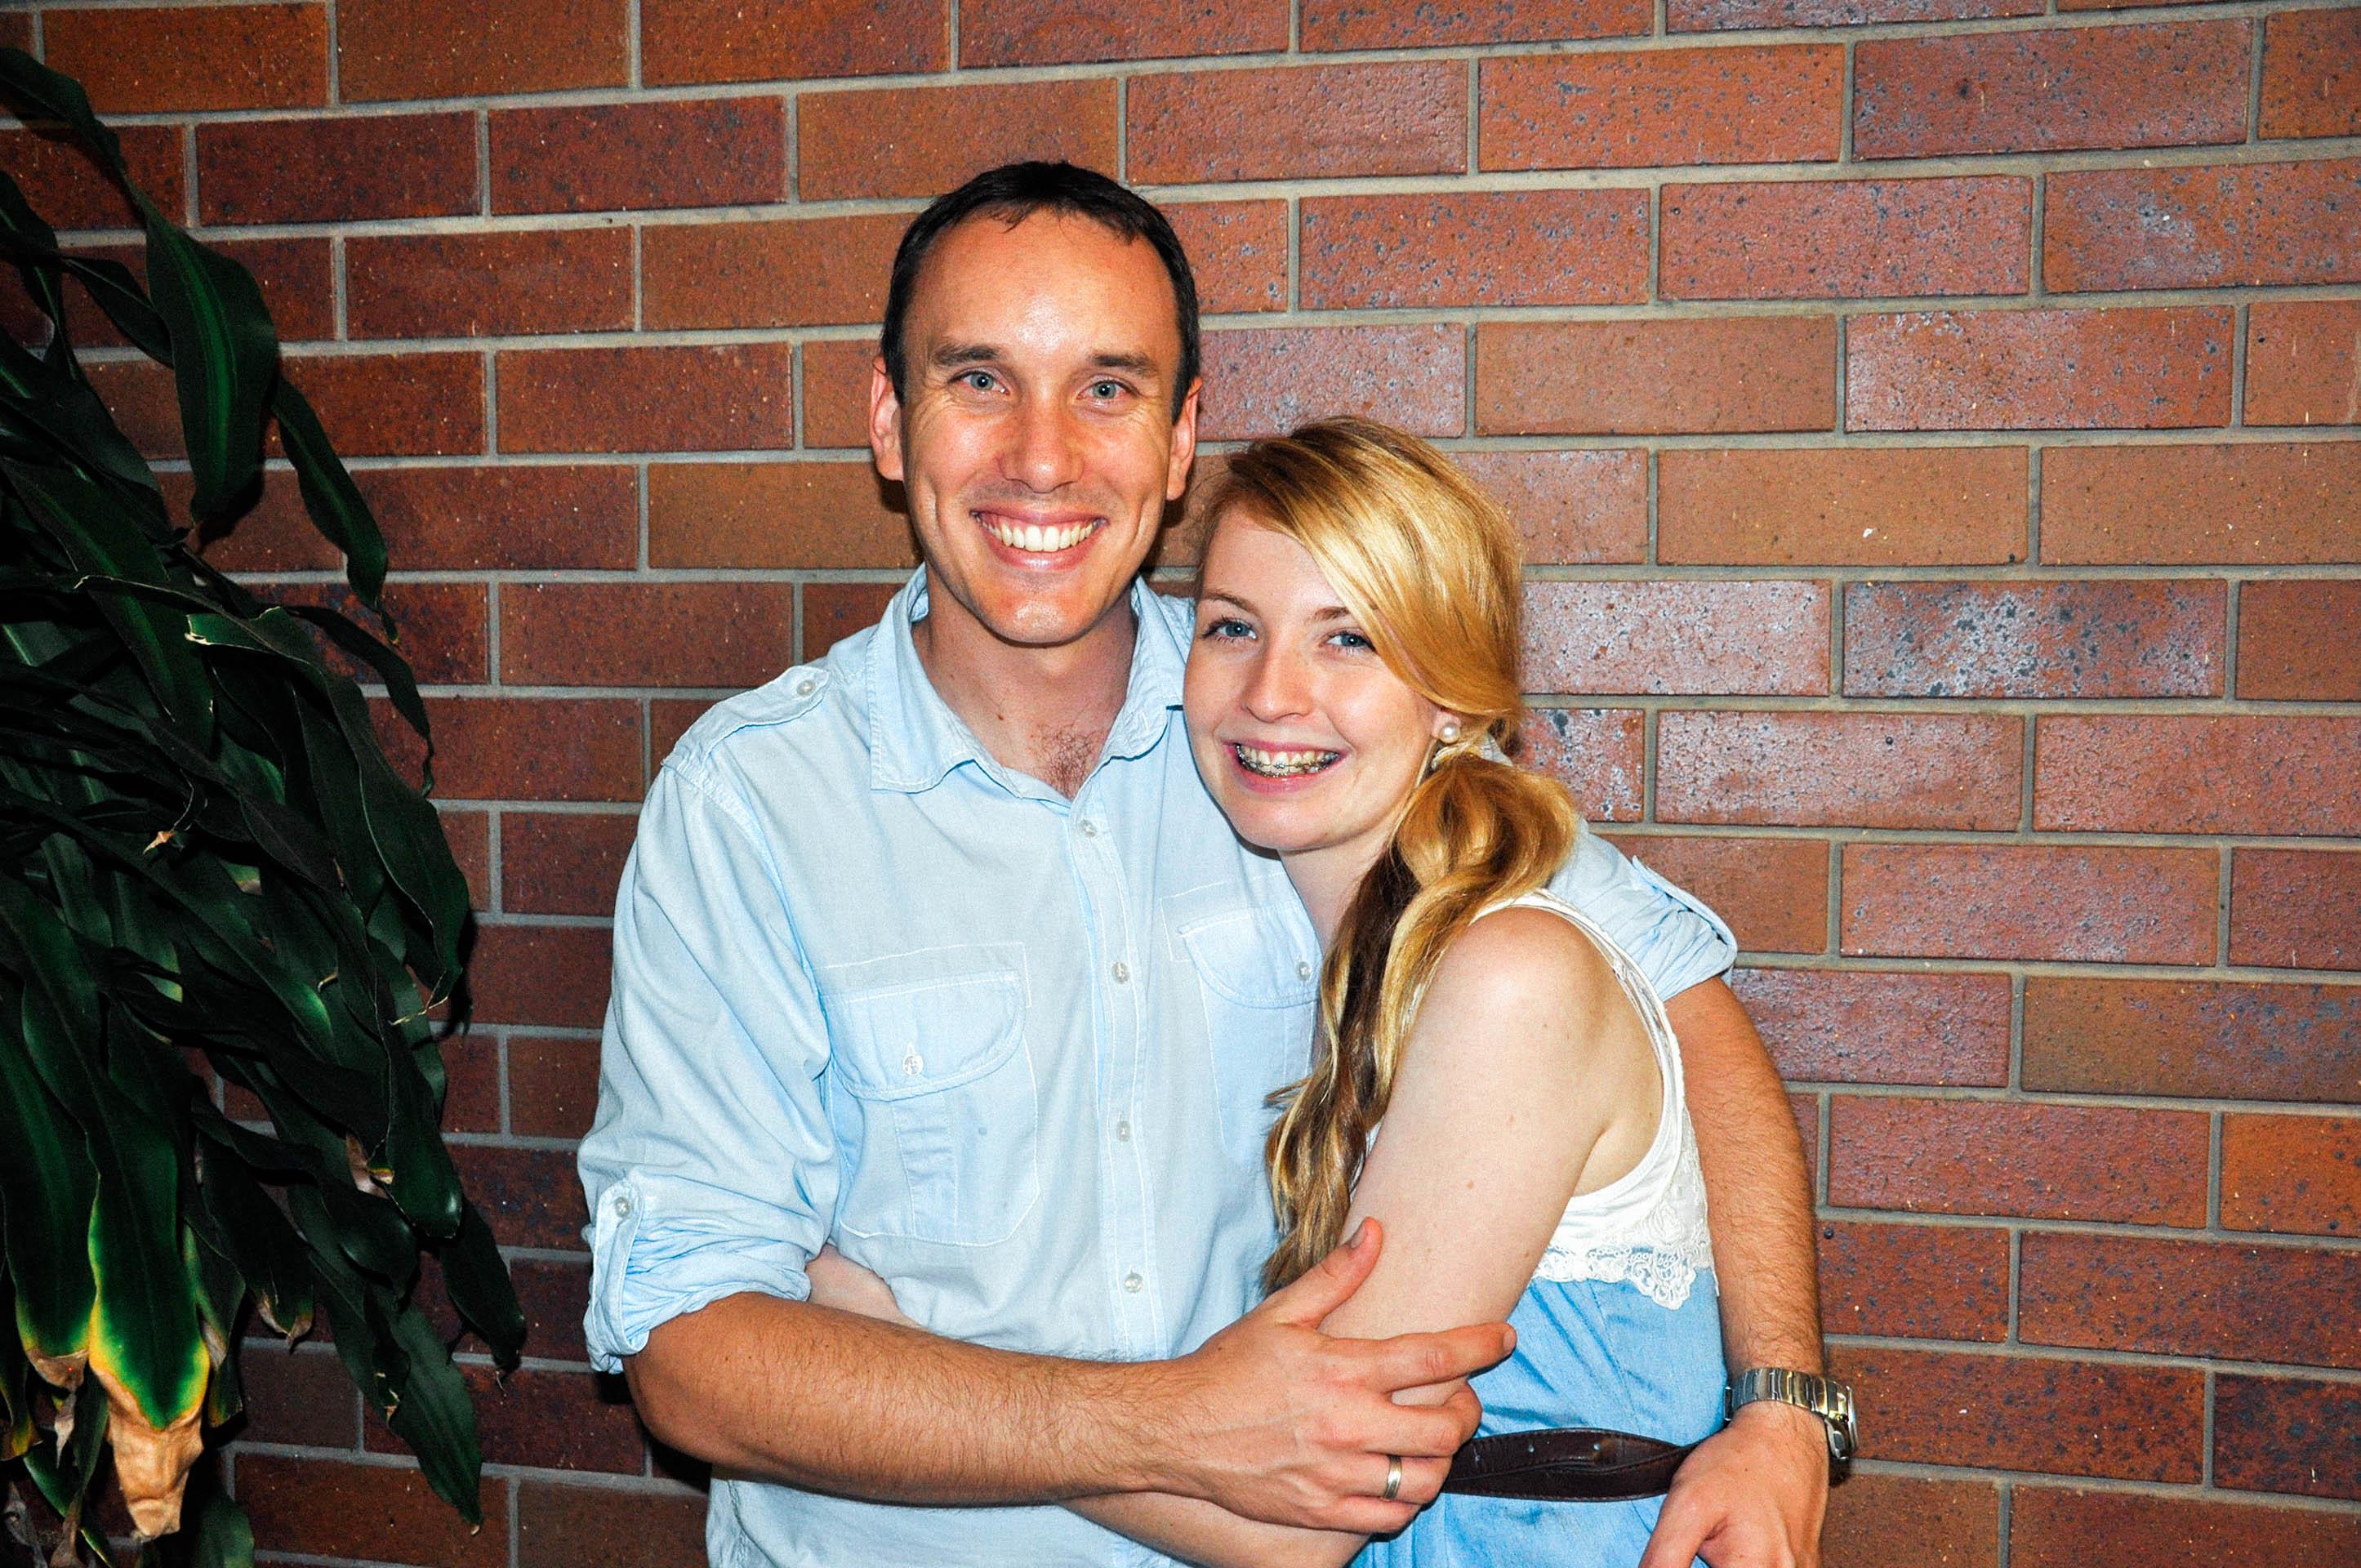 Nurturing Marriage After Children